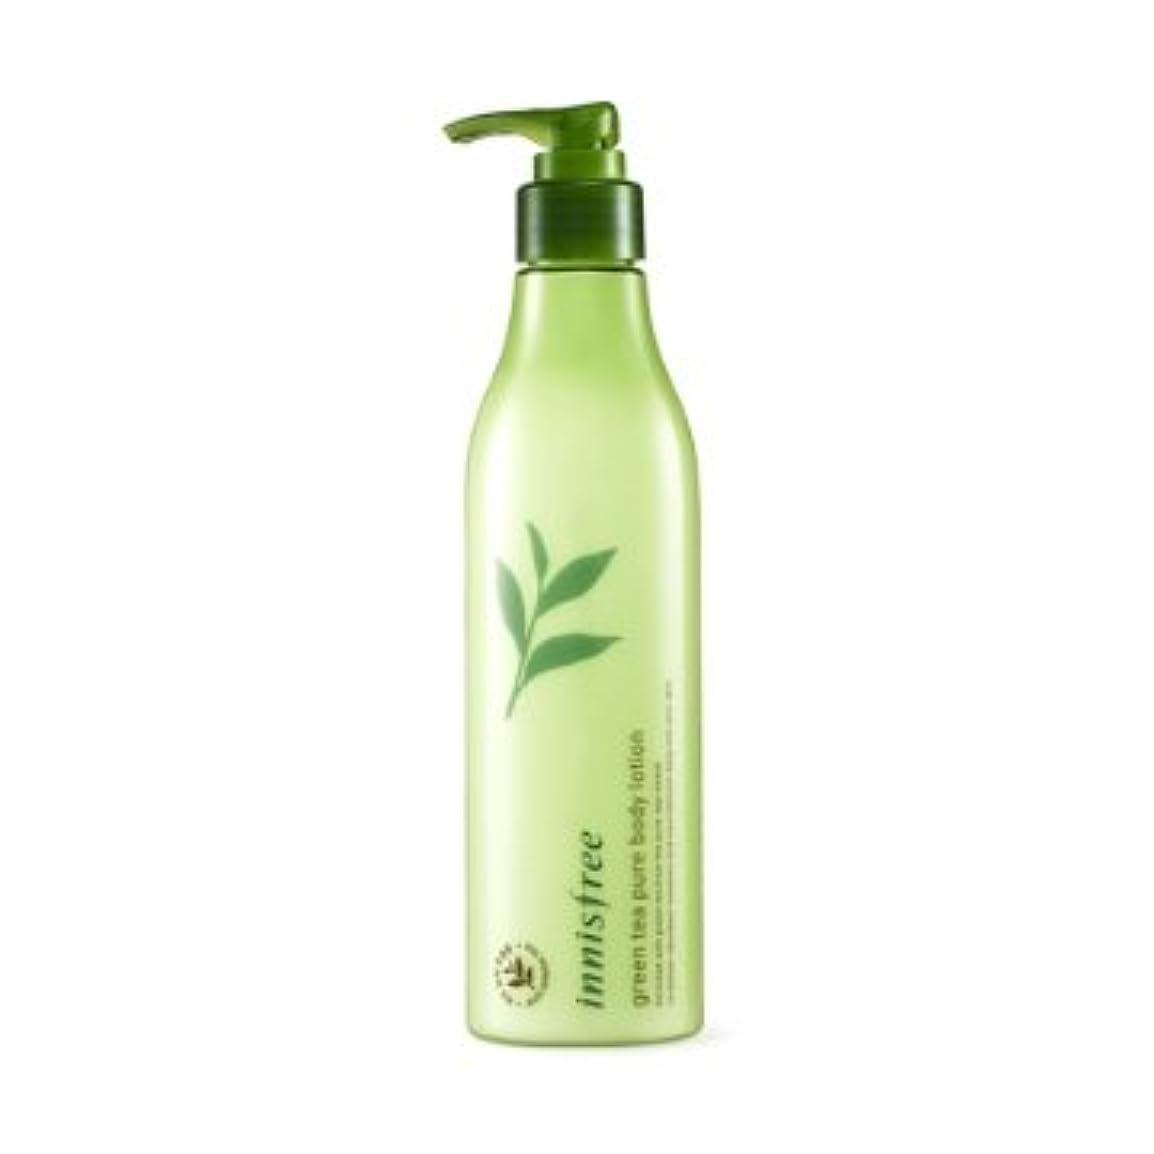 泥棒固執絶望的な【イニスフリー】Innisfree green tea pure body lotion - 300ml (韓国直送品) (SHOPPINGINSTAGRAM)